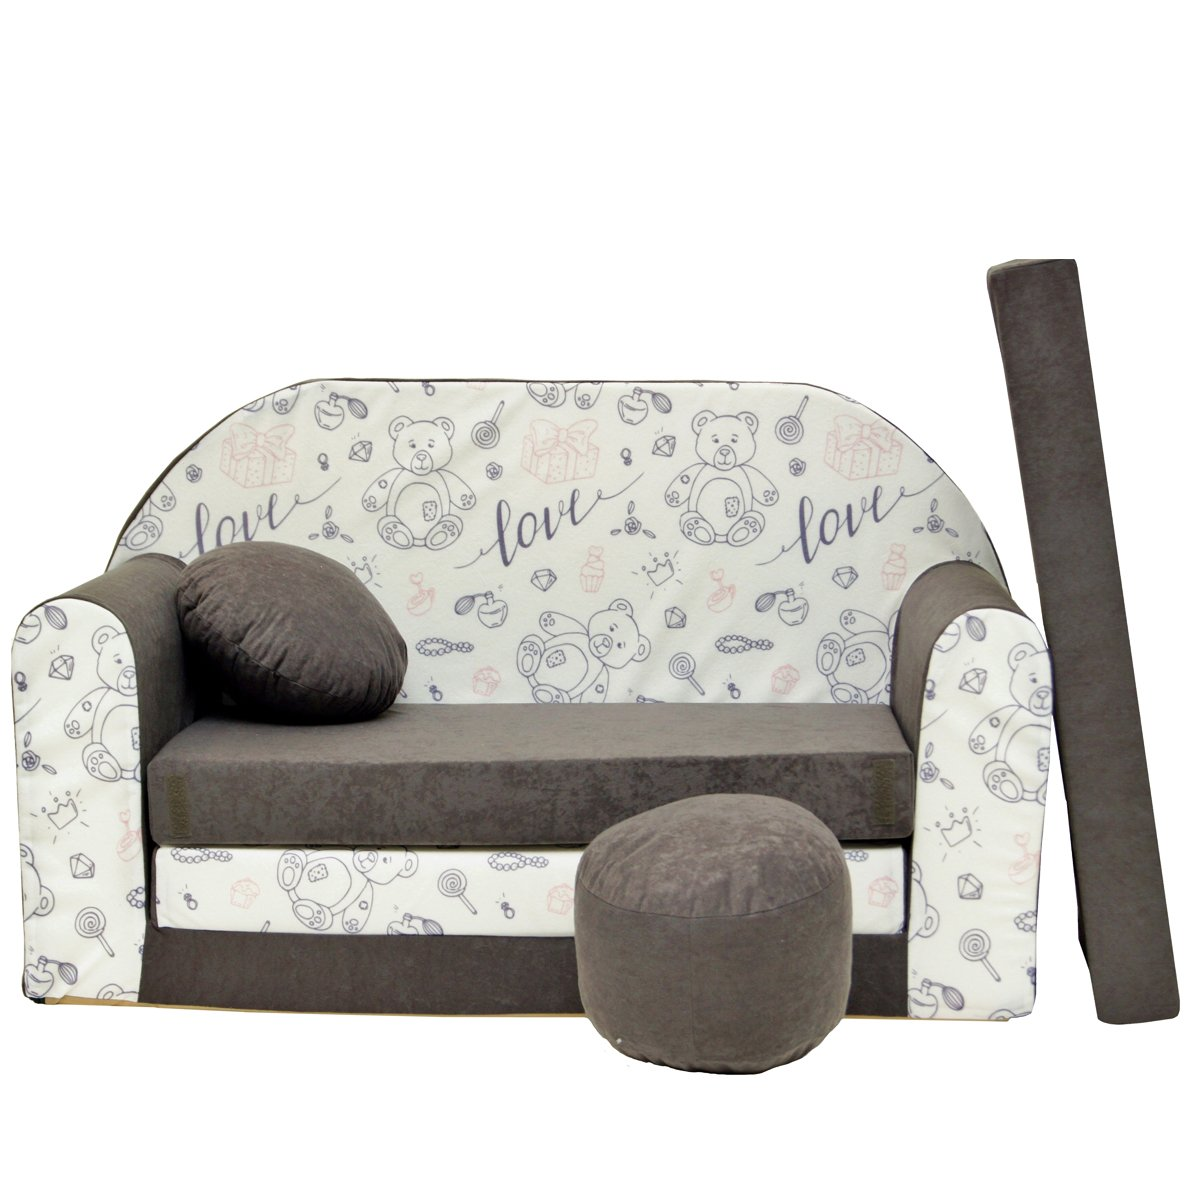 COSTWAY Canap/é Enfant Fauteuil Enfant Canap/é Lit pour Enfant avec Chaise PVC 83x42x41cm Rose